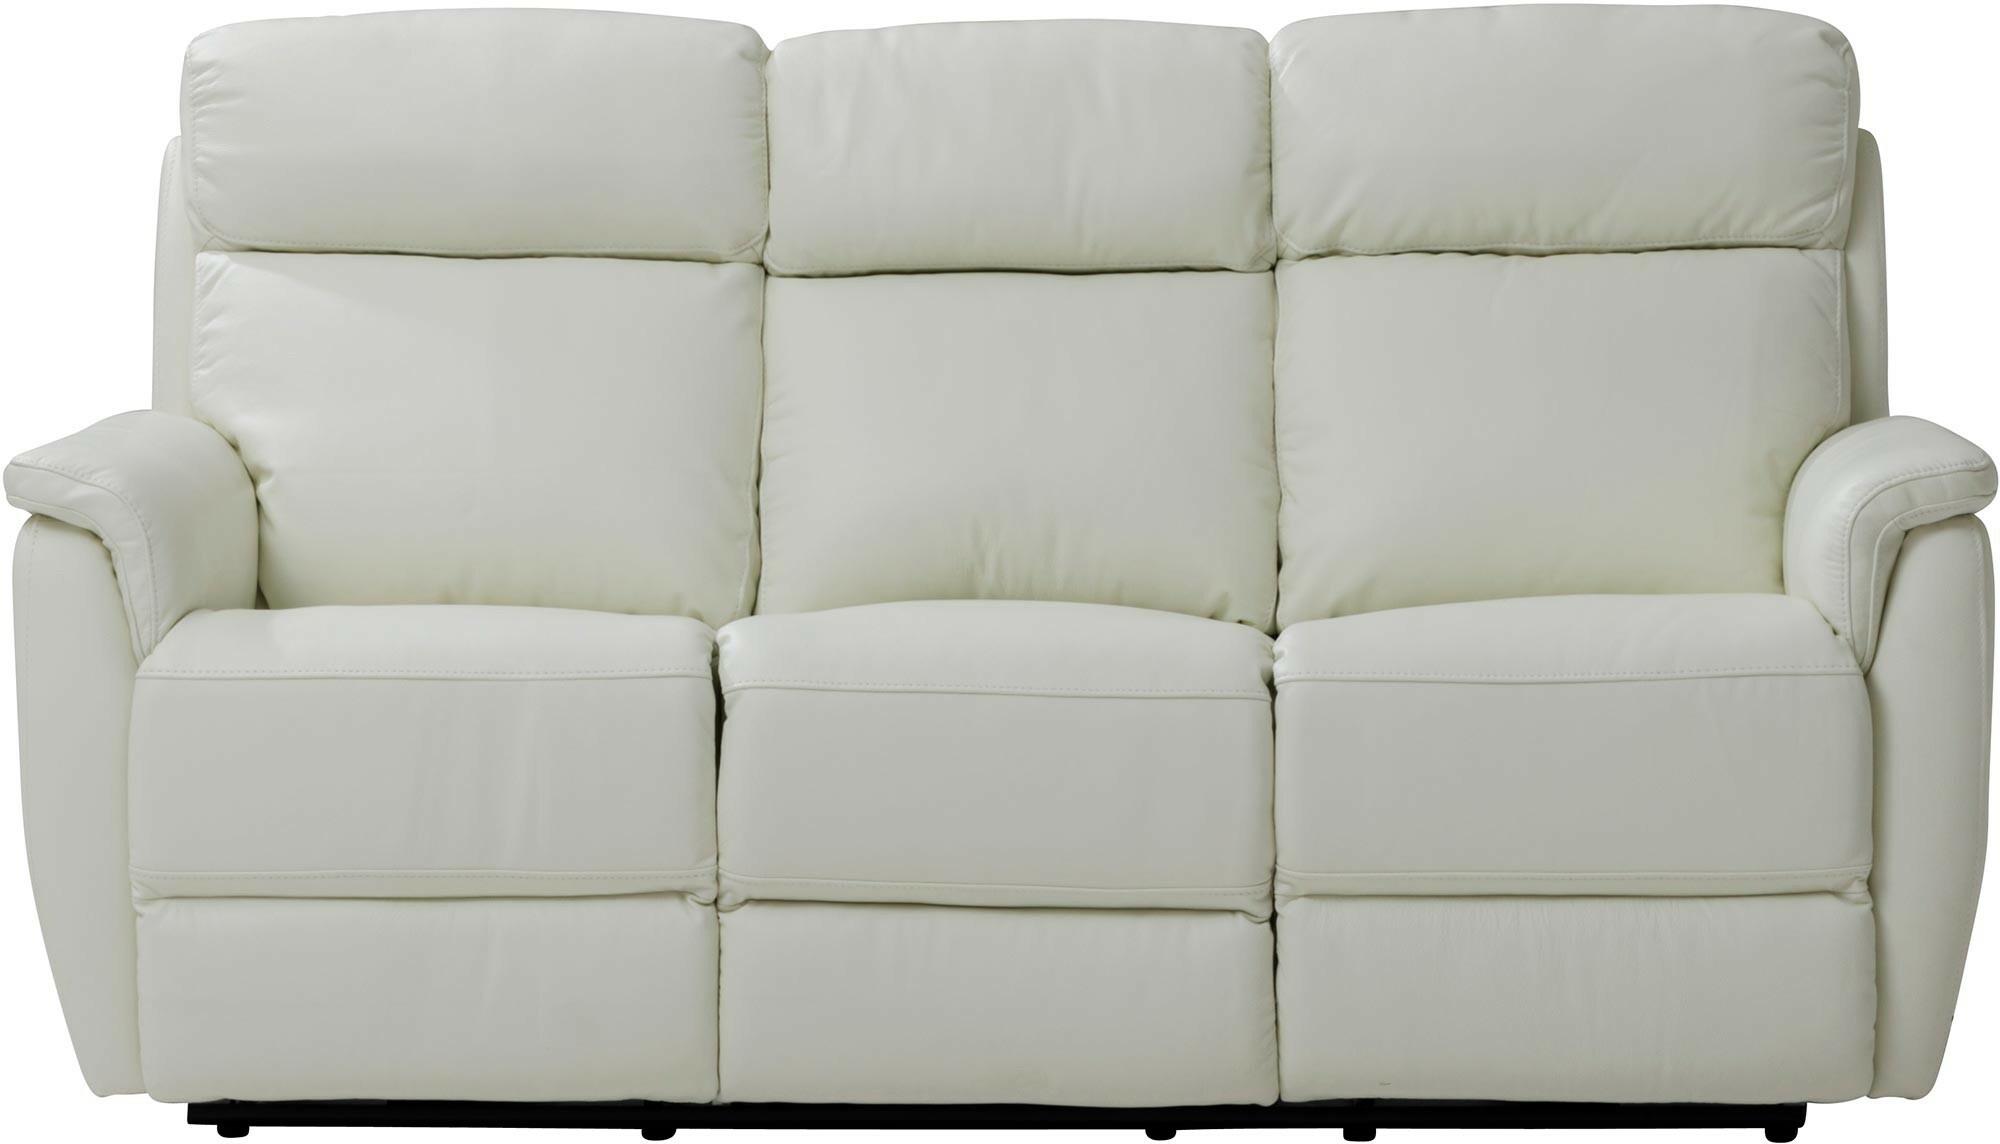 Colorado 3 istuttava sohva mekanismilla (Valkoinen nahkakn)